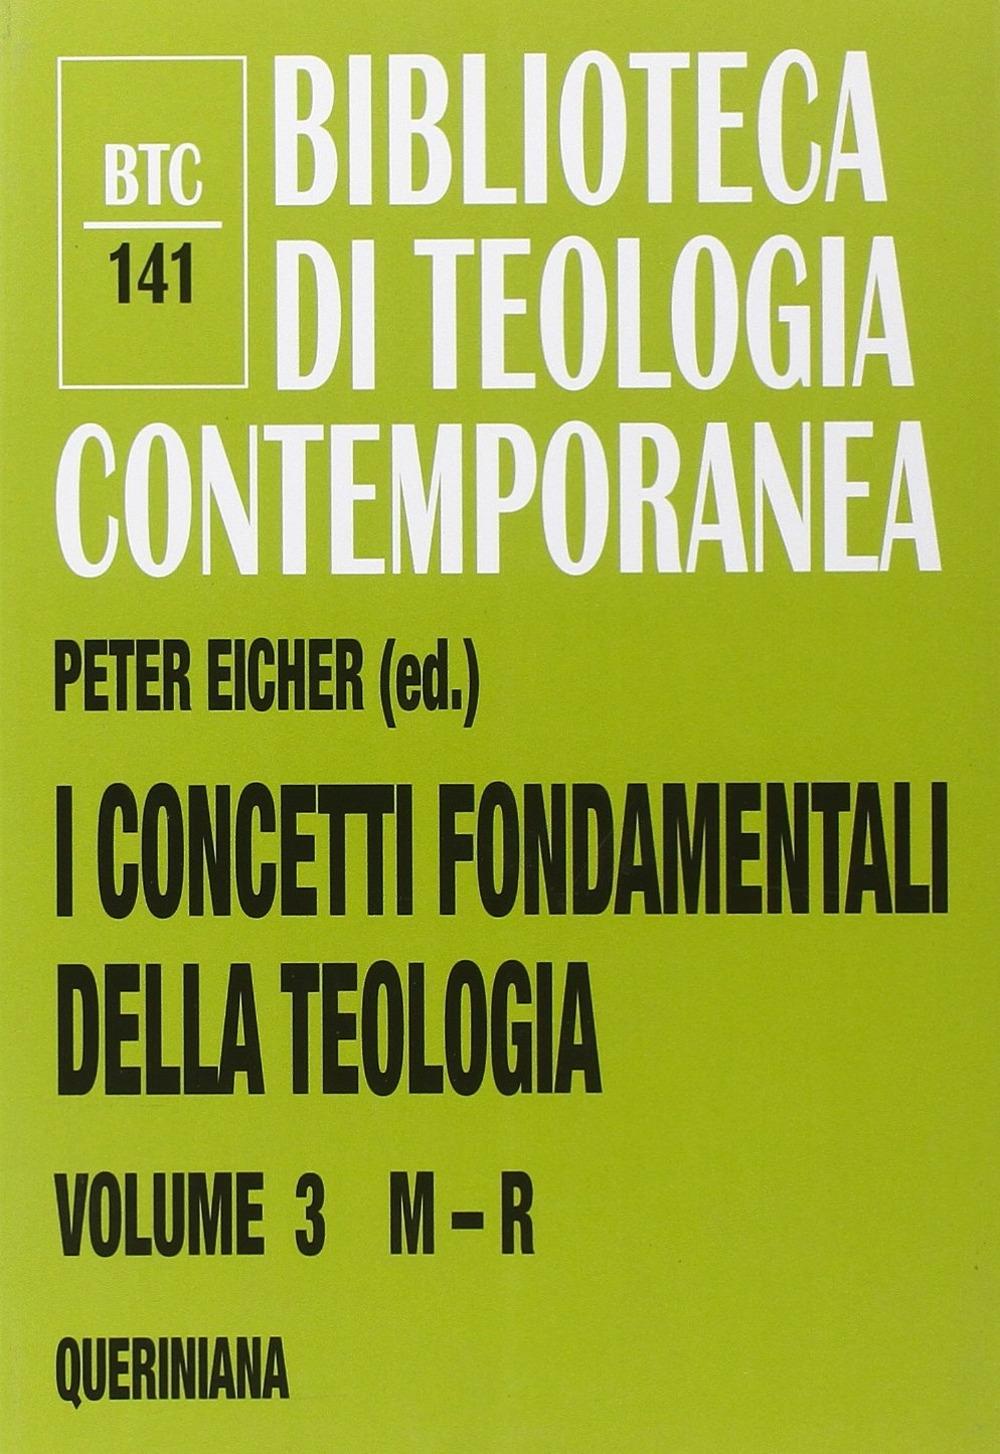 I concetti fondamentali della teologia. Vol. 3: M-R